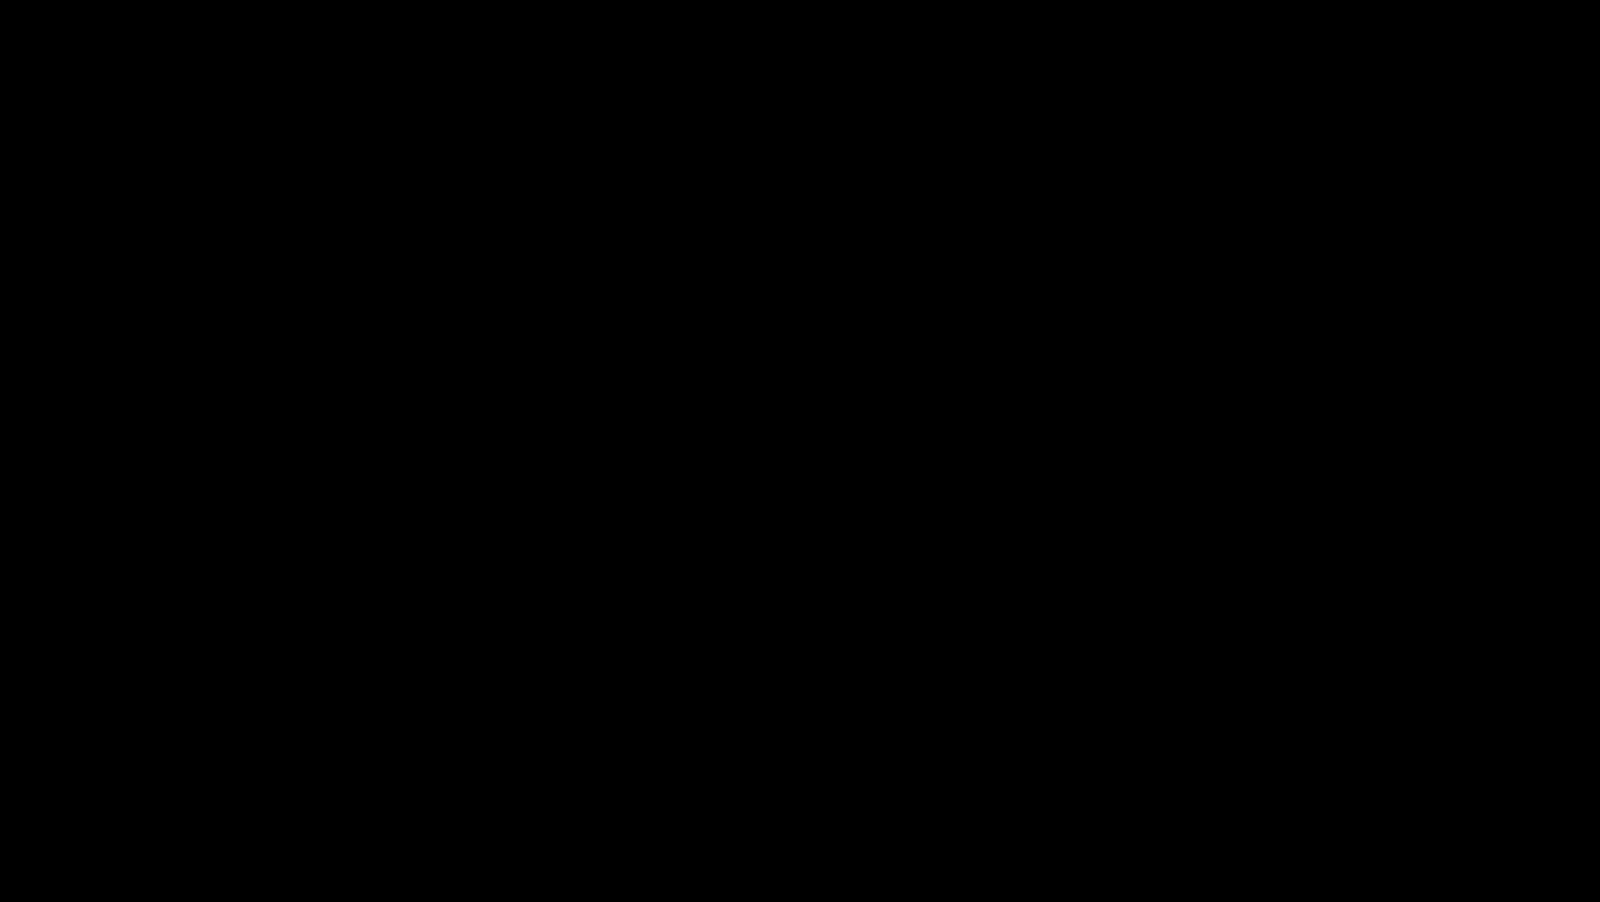 Mécamont-Hydro conçoit et réalise le «Ponton dans le ciel» au Pic du Midi de Bigorre